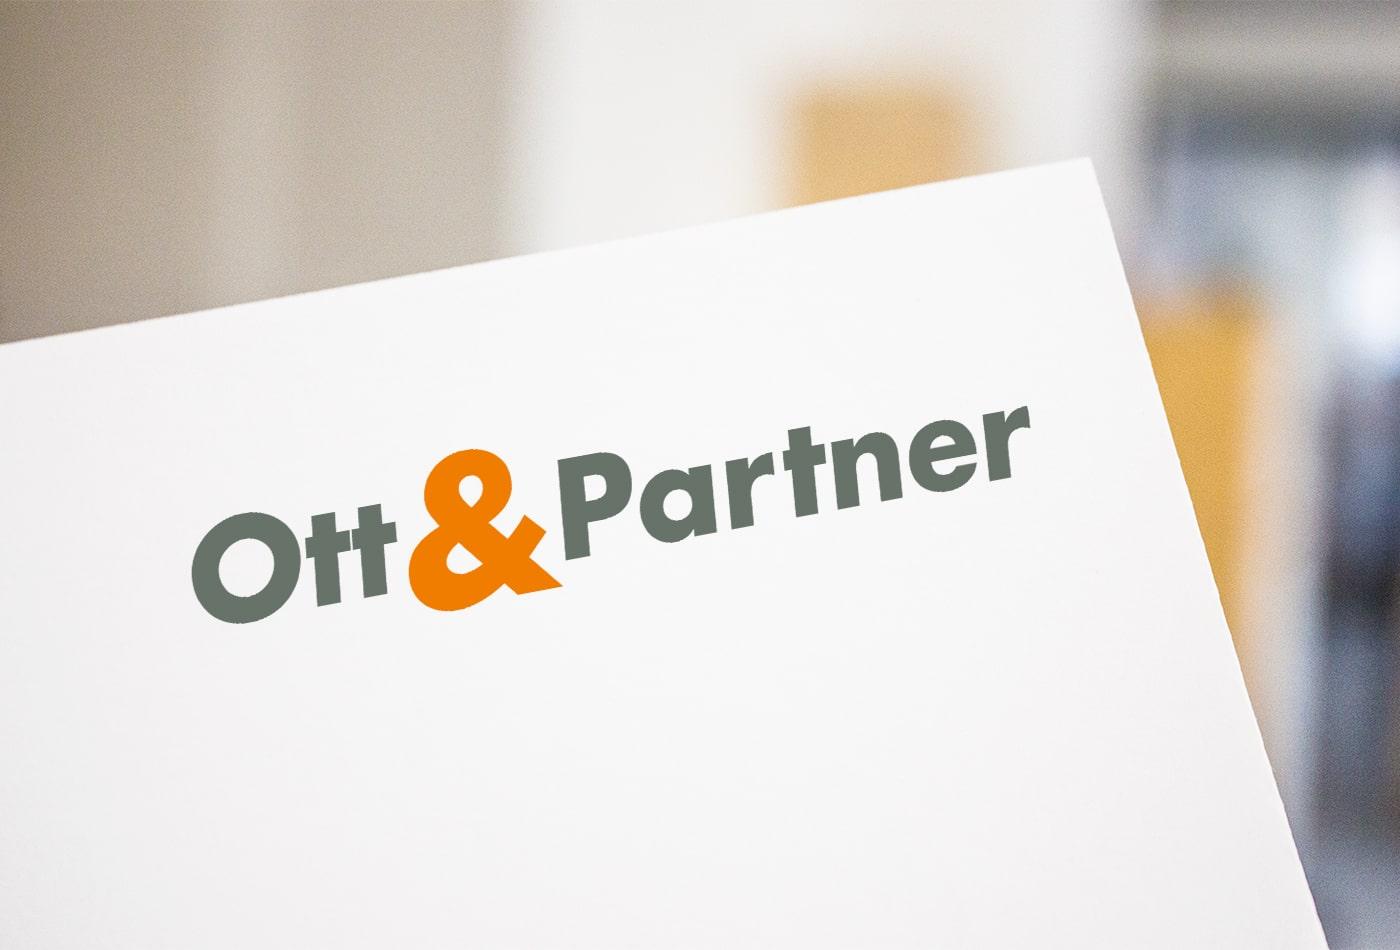 Ott&Partner Logoentwicklung